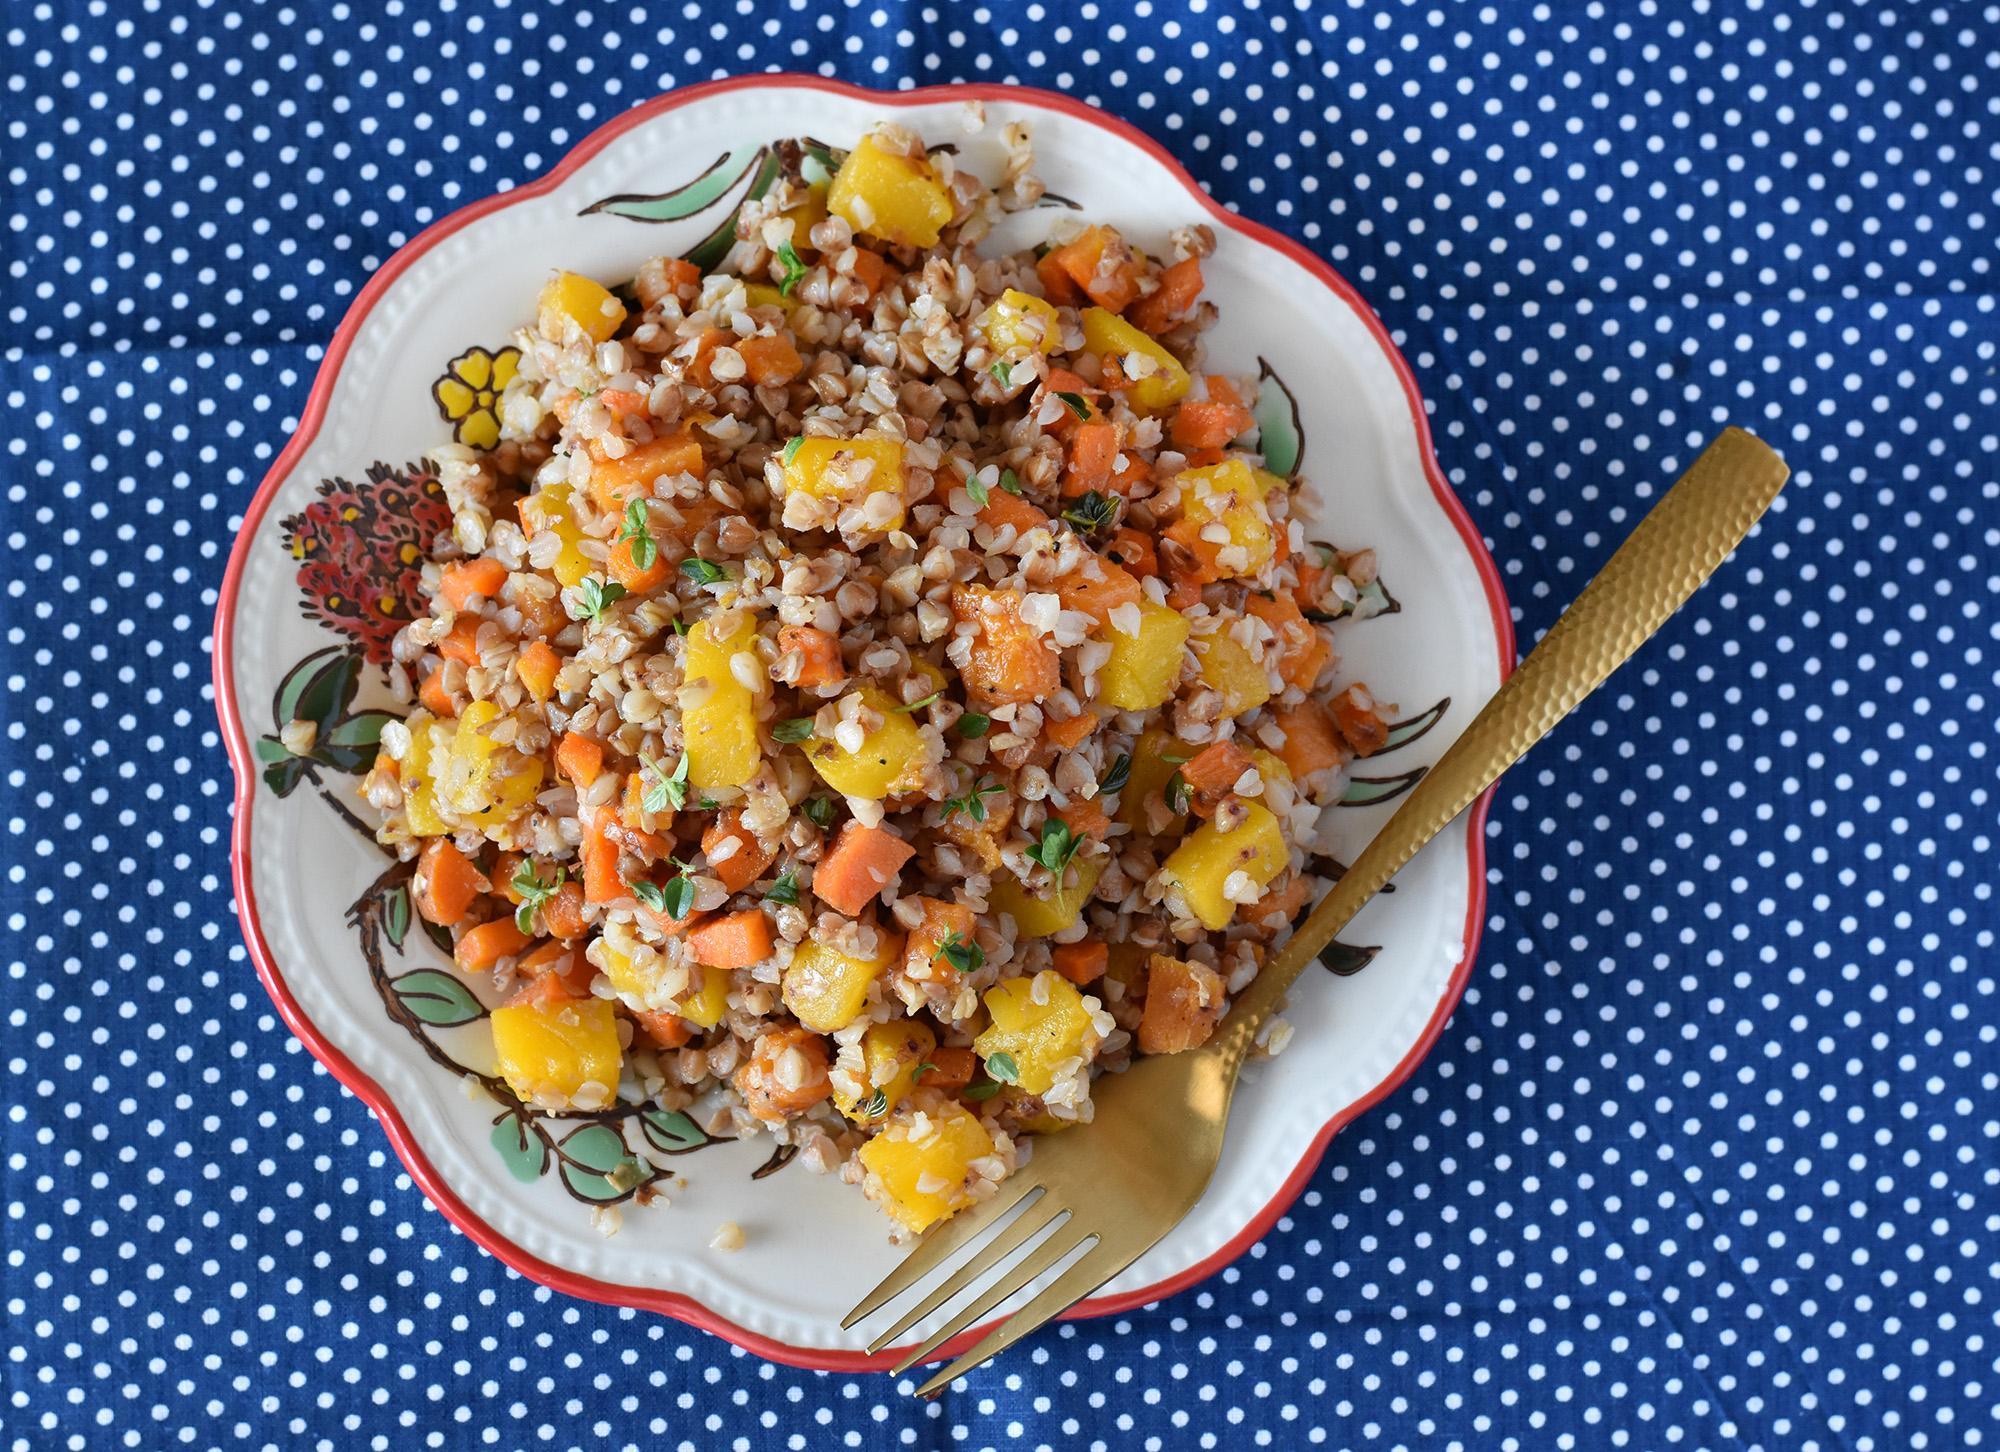 כוסמת עם ירקות כתומים